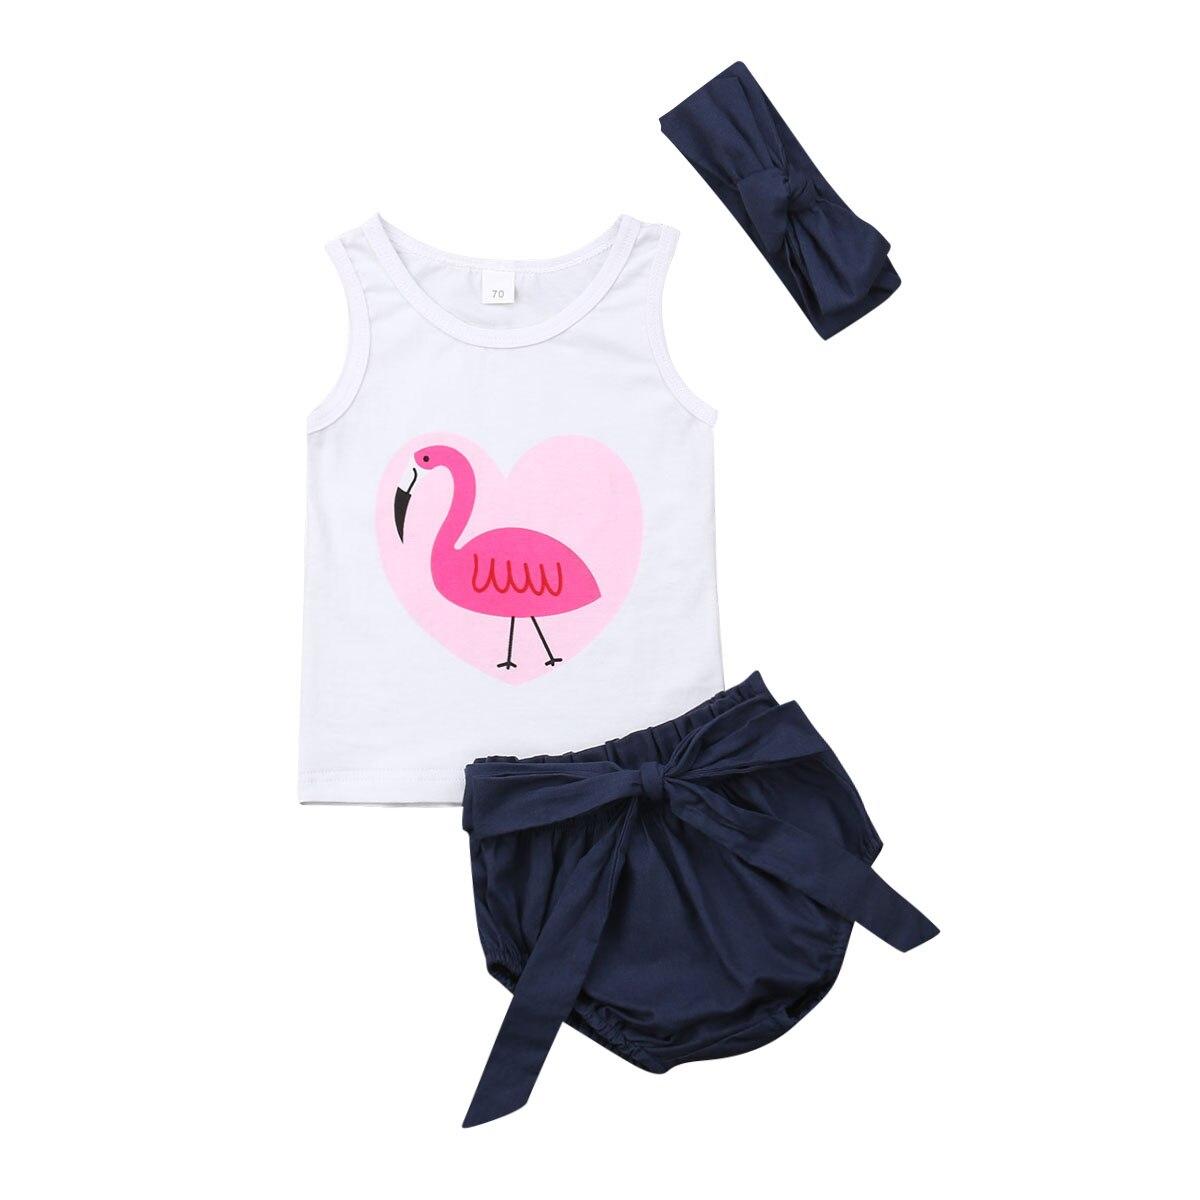 Roupas da Menina da criança Kid Baby Girl Roupas Flamingo Imprimir Vest Regatas Camisa Shorts Calças PP 2 pcs Set Outfit